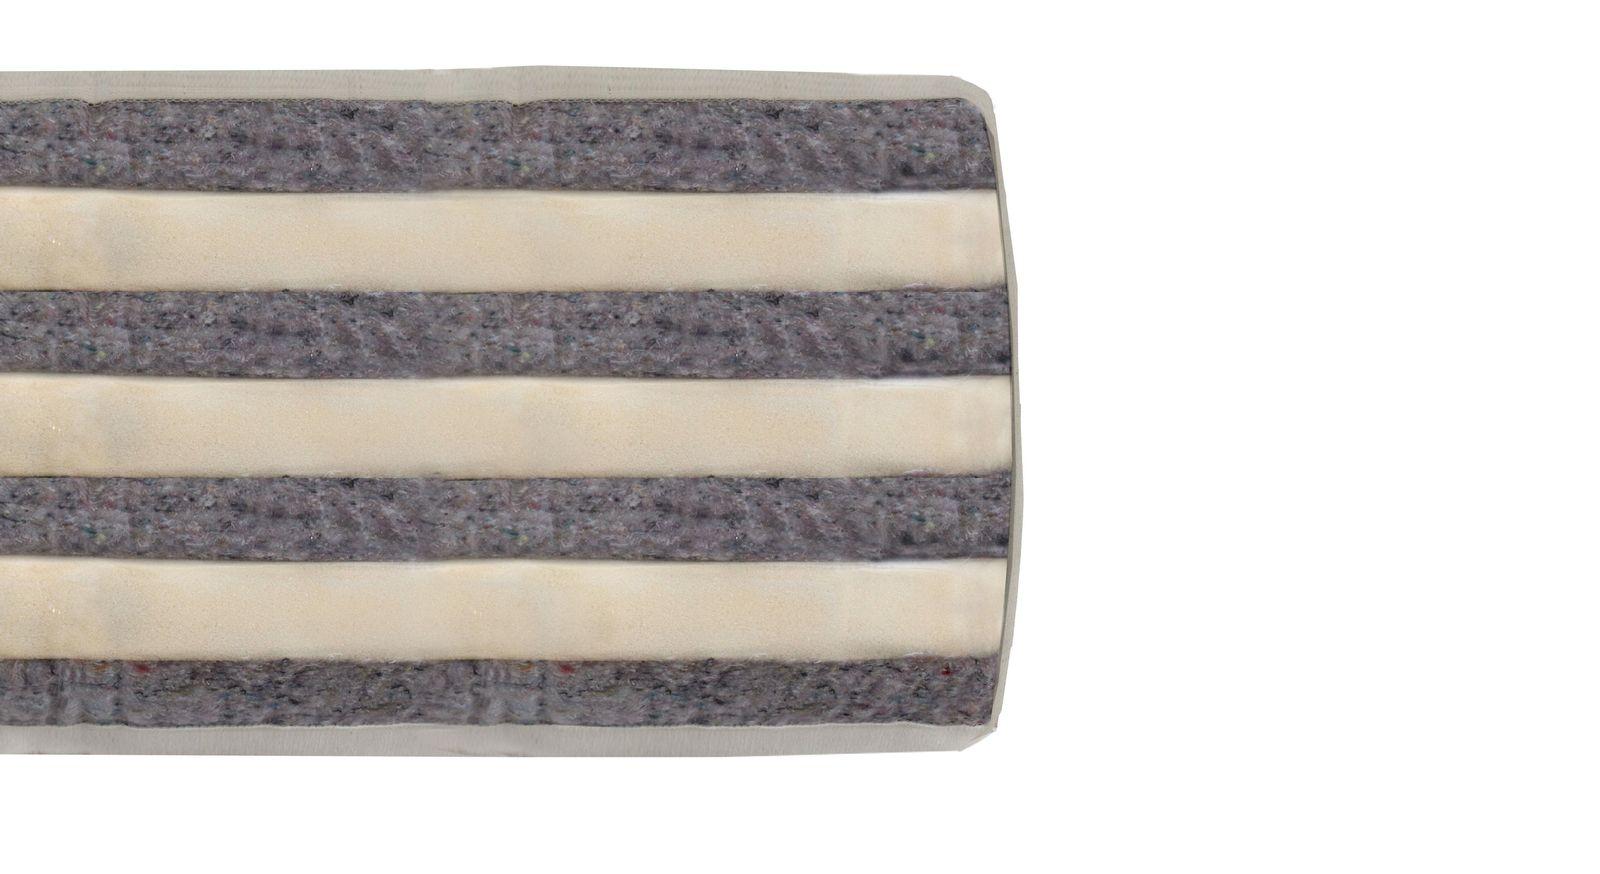 Futonsofa Nespolo mit hochwertiger Luxus-Matratze